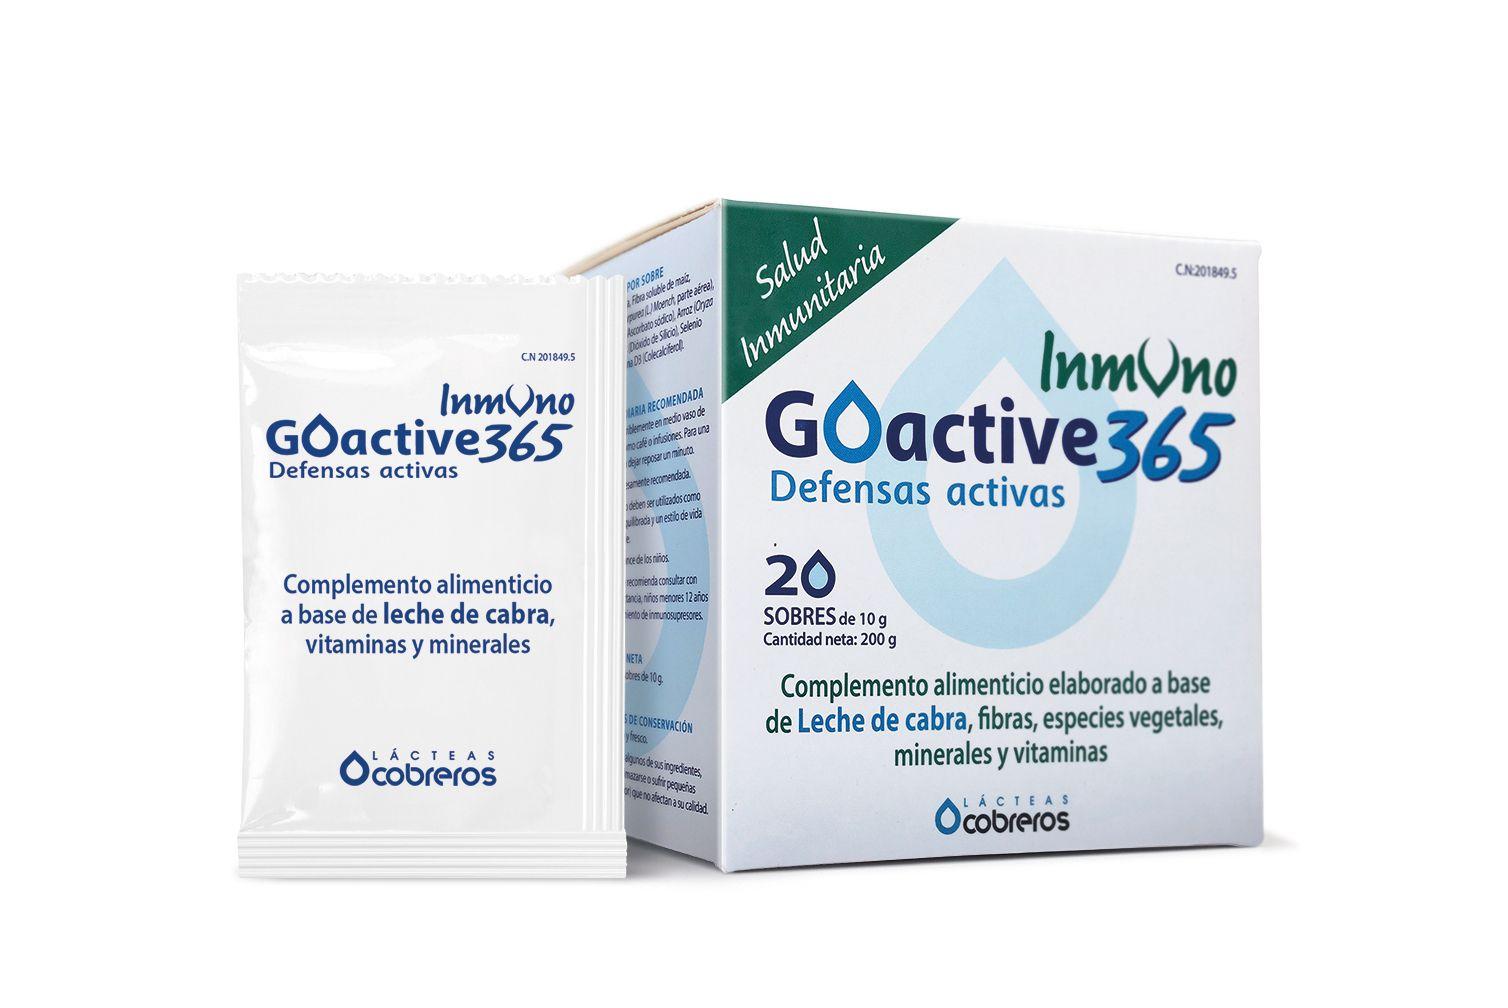 Fotografia Goactive365 Inmuno